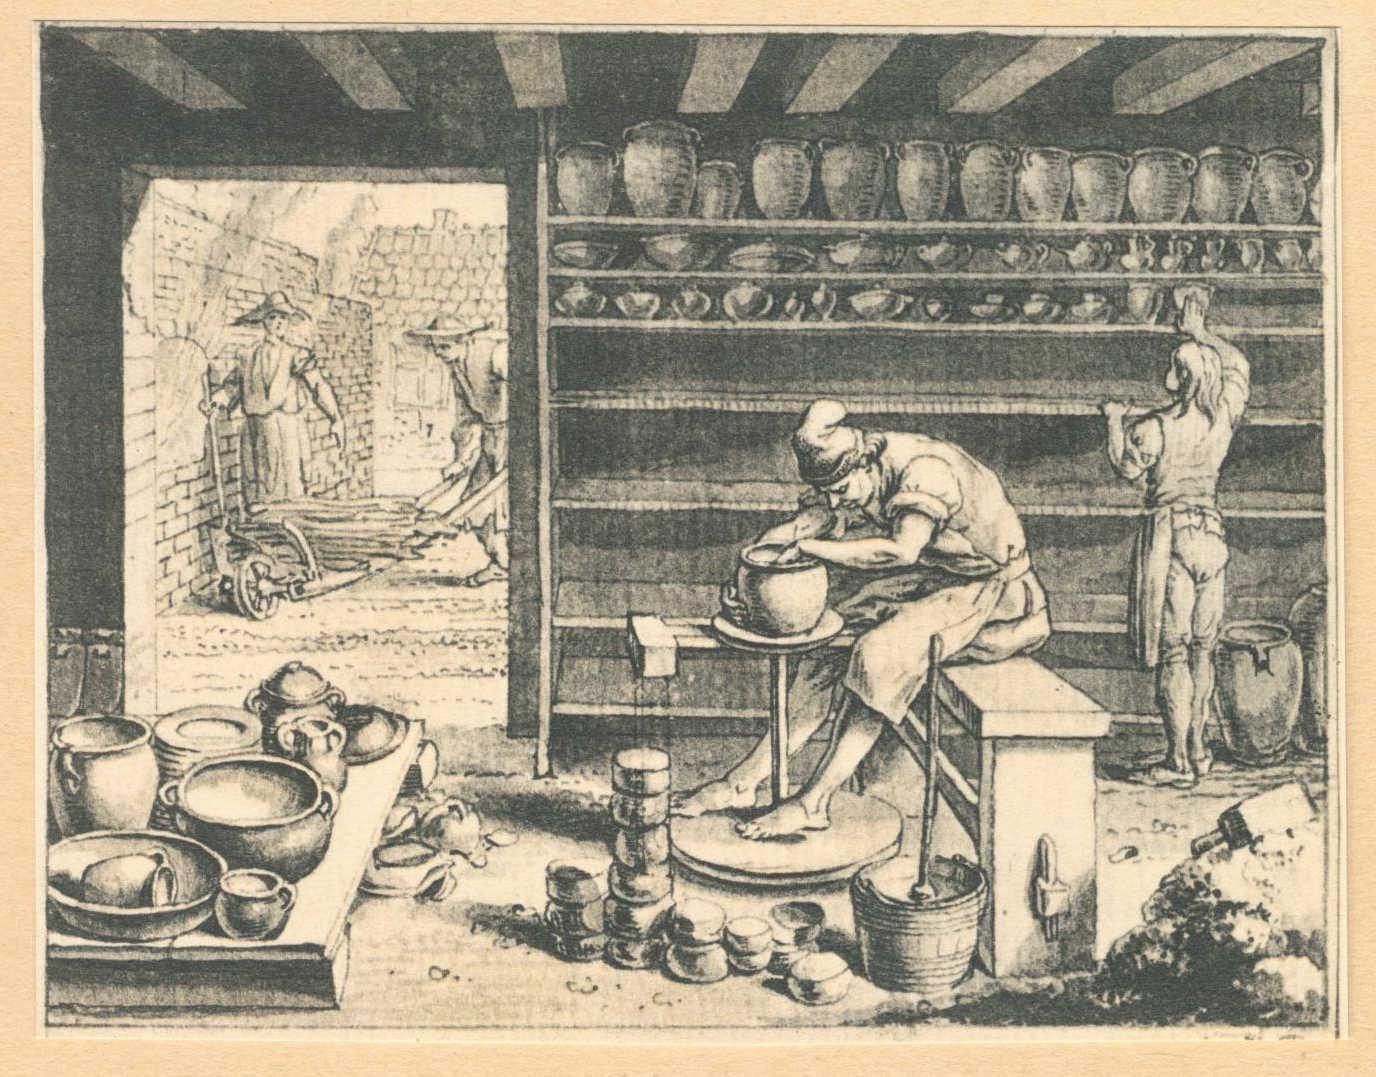 Torno de alfarero wikipedia la enciclopedia libre for Ceramica fabricacion